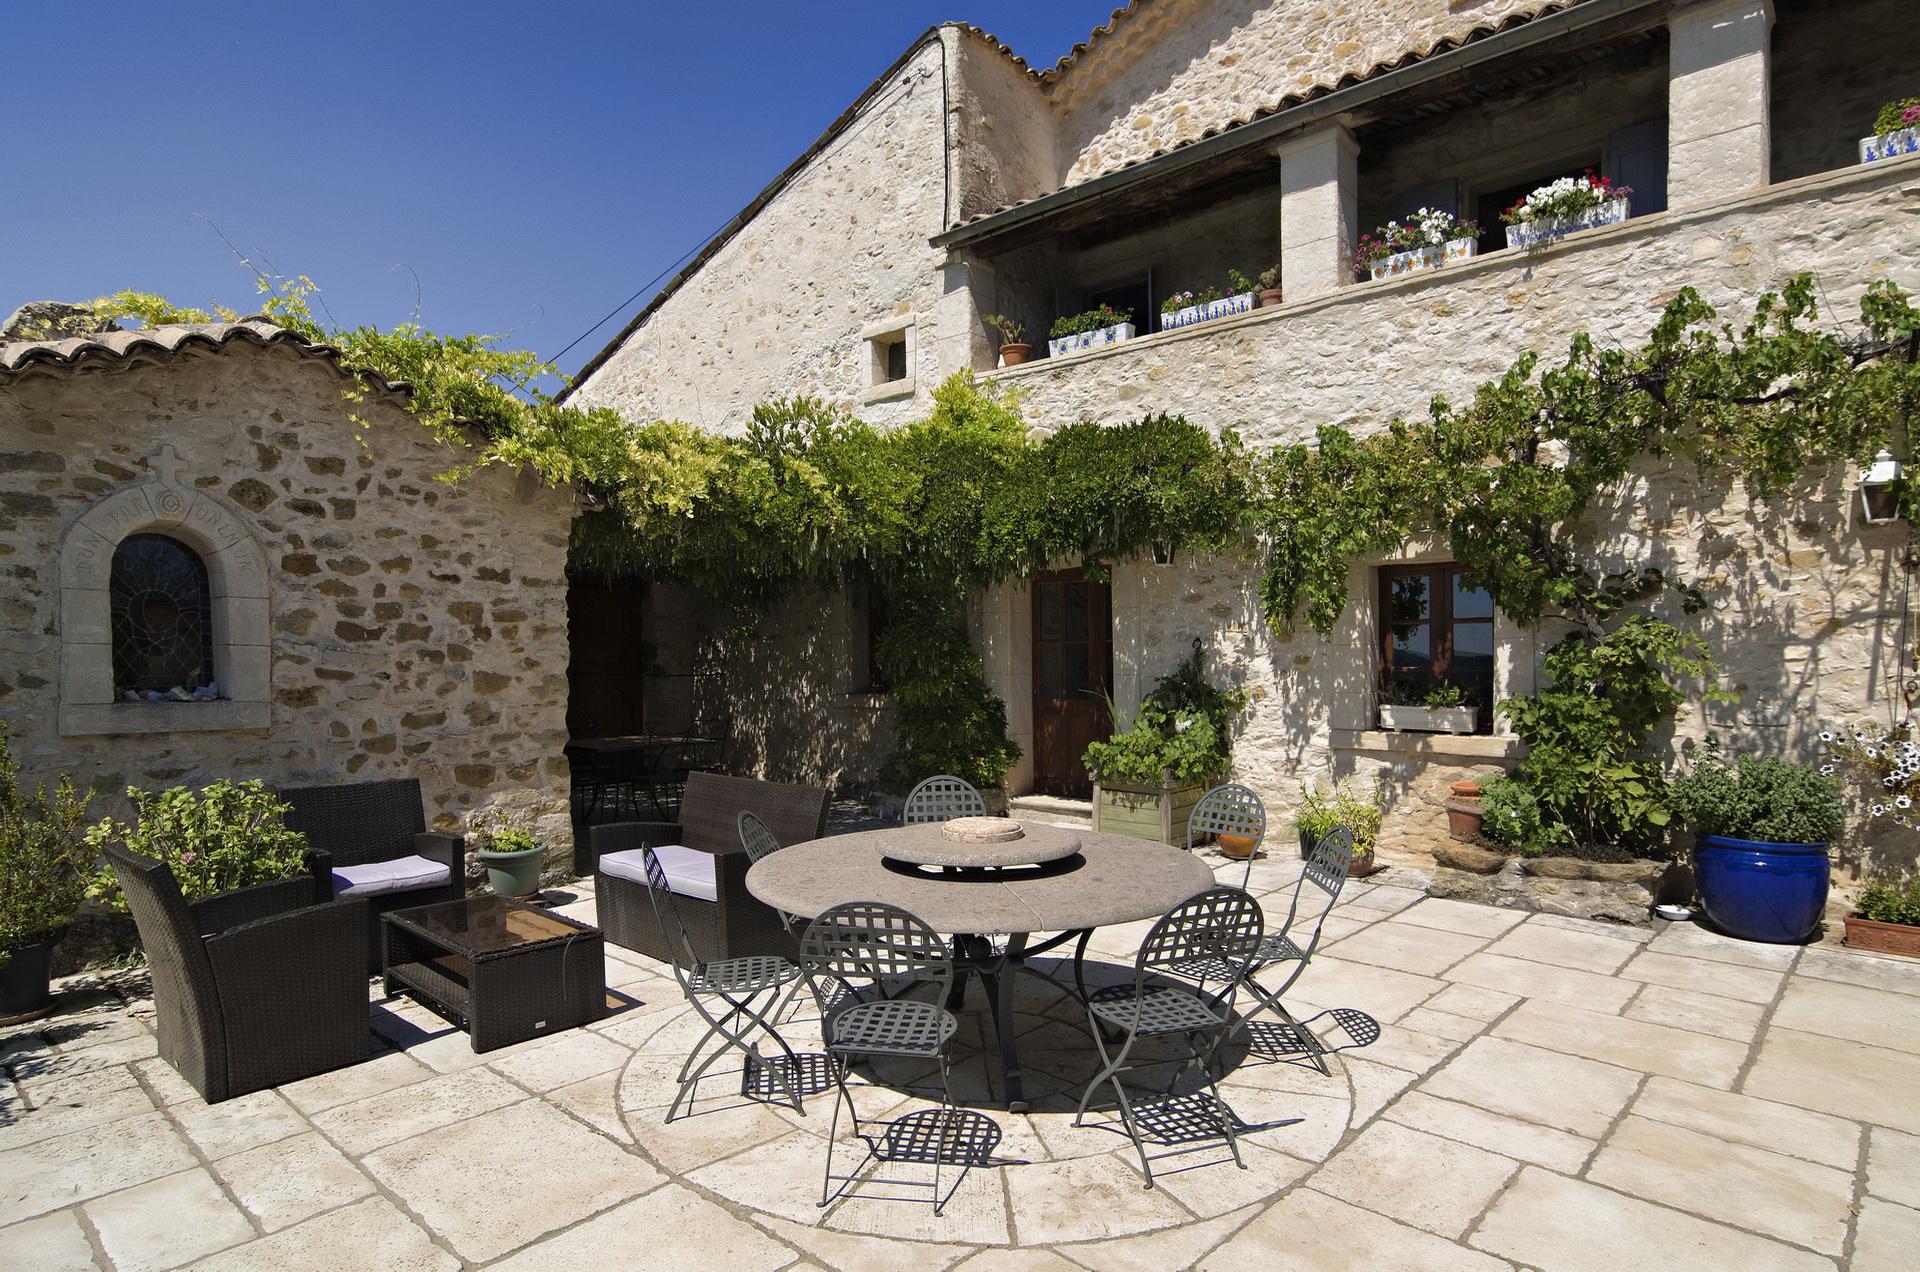 Fontaine Neuve gites et chambres d'hôtes à Lure : la grande terrasse ensoleillée